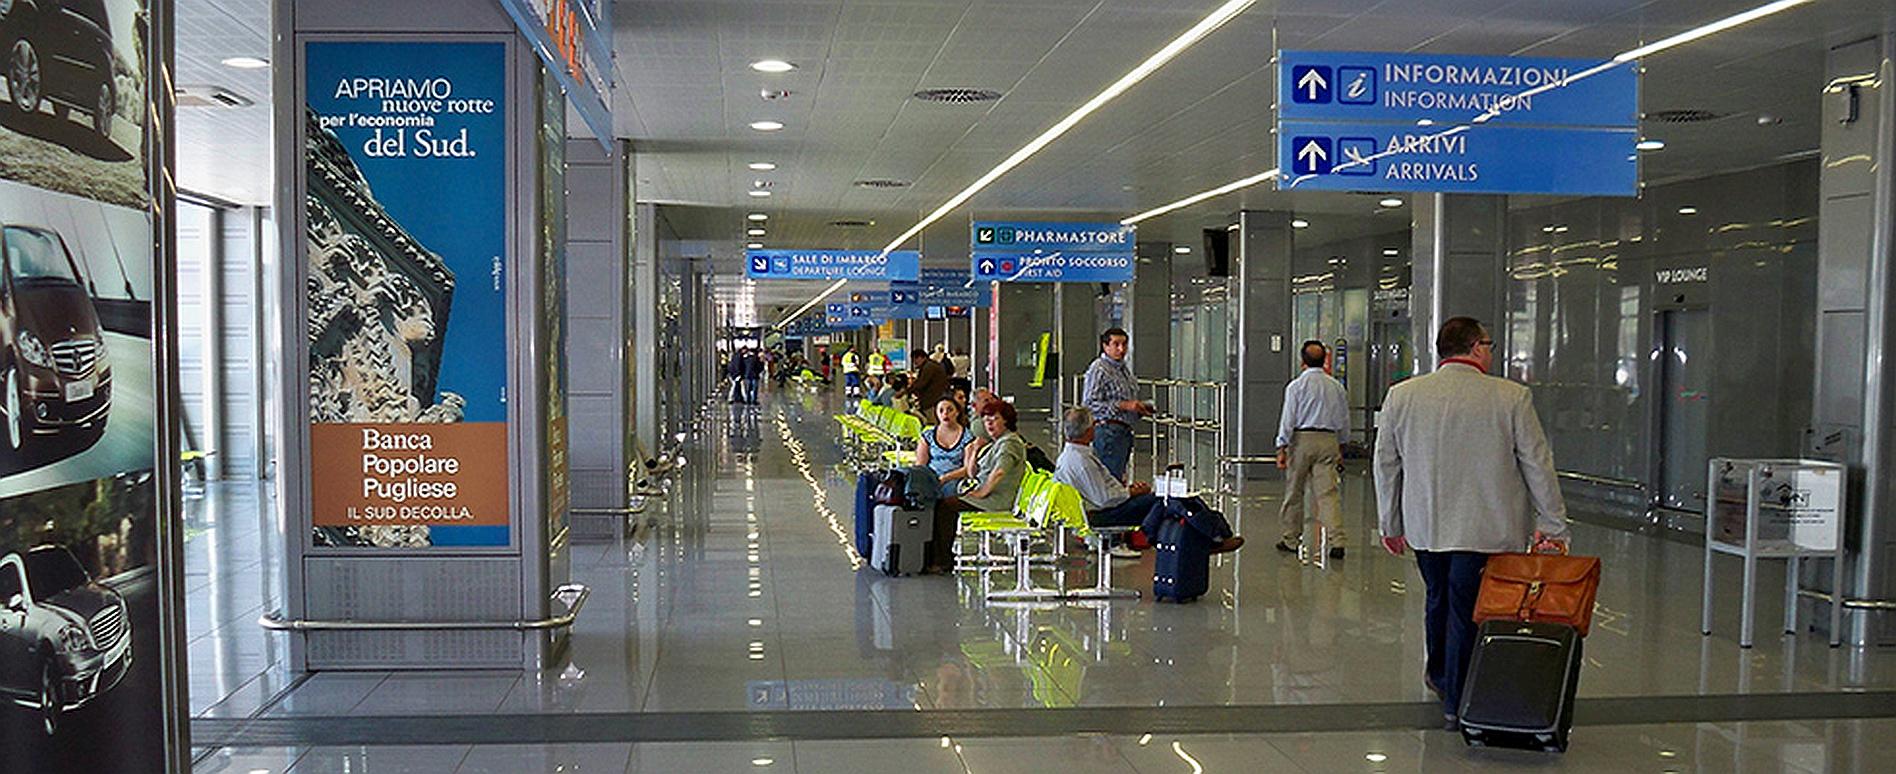 Servizio Taxi Aeroporto di Brindisi